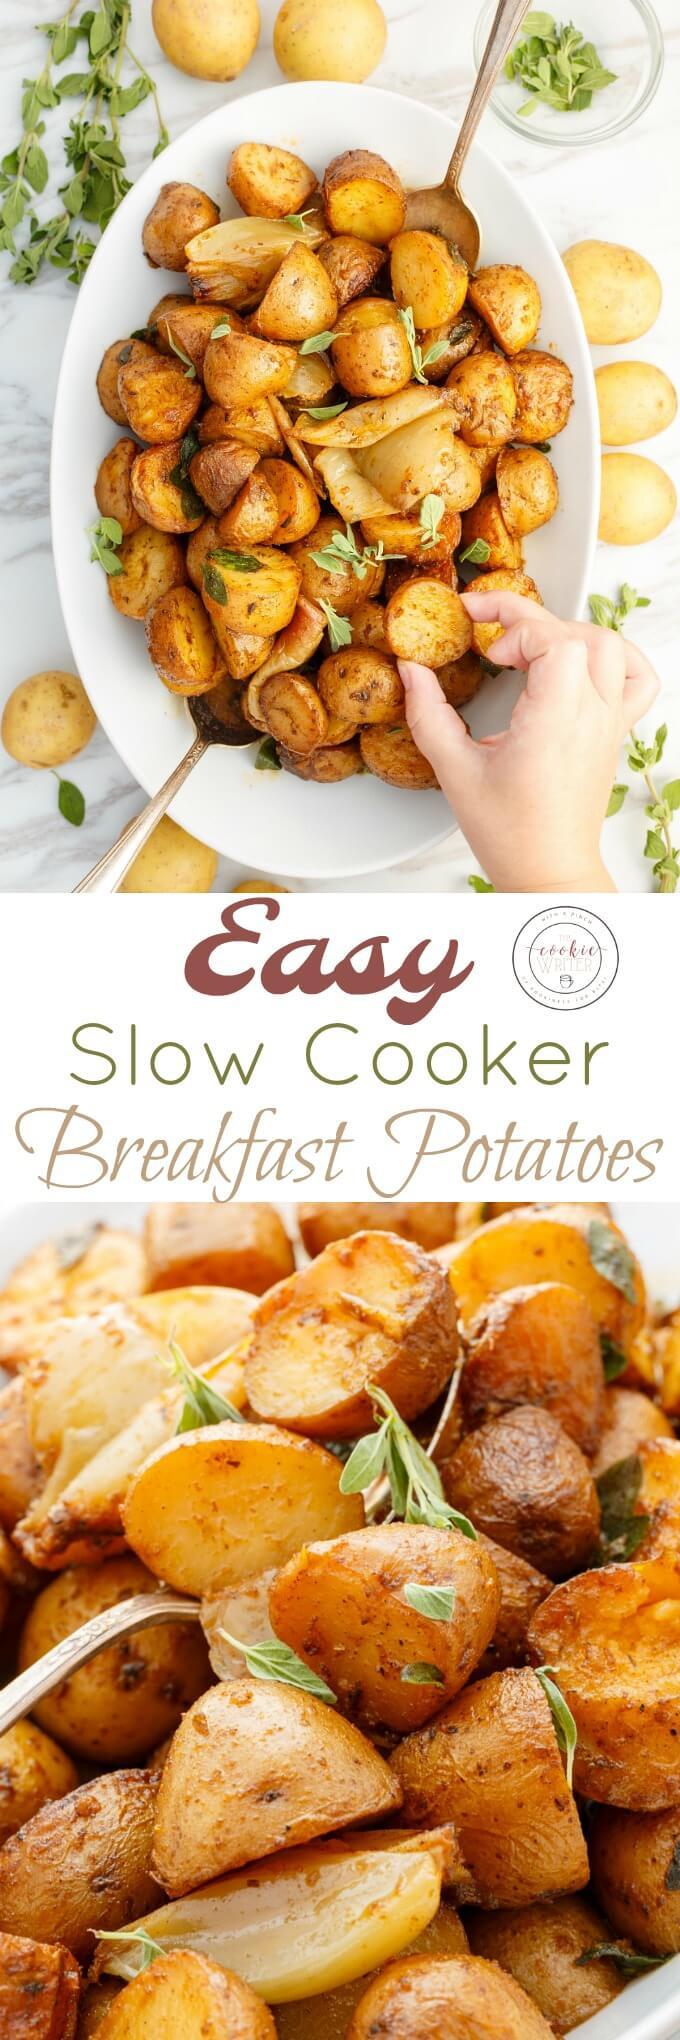 Crockpot Breakfast Potatoes  Easy Slow Cooker Breakfast Potatoes The Cookie Writer